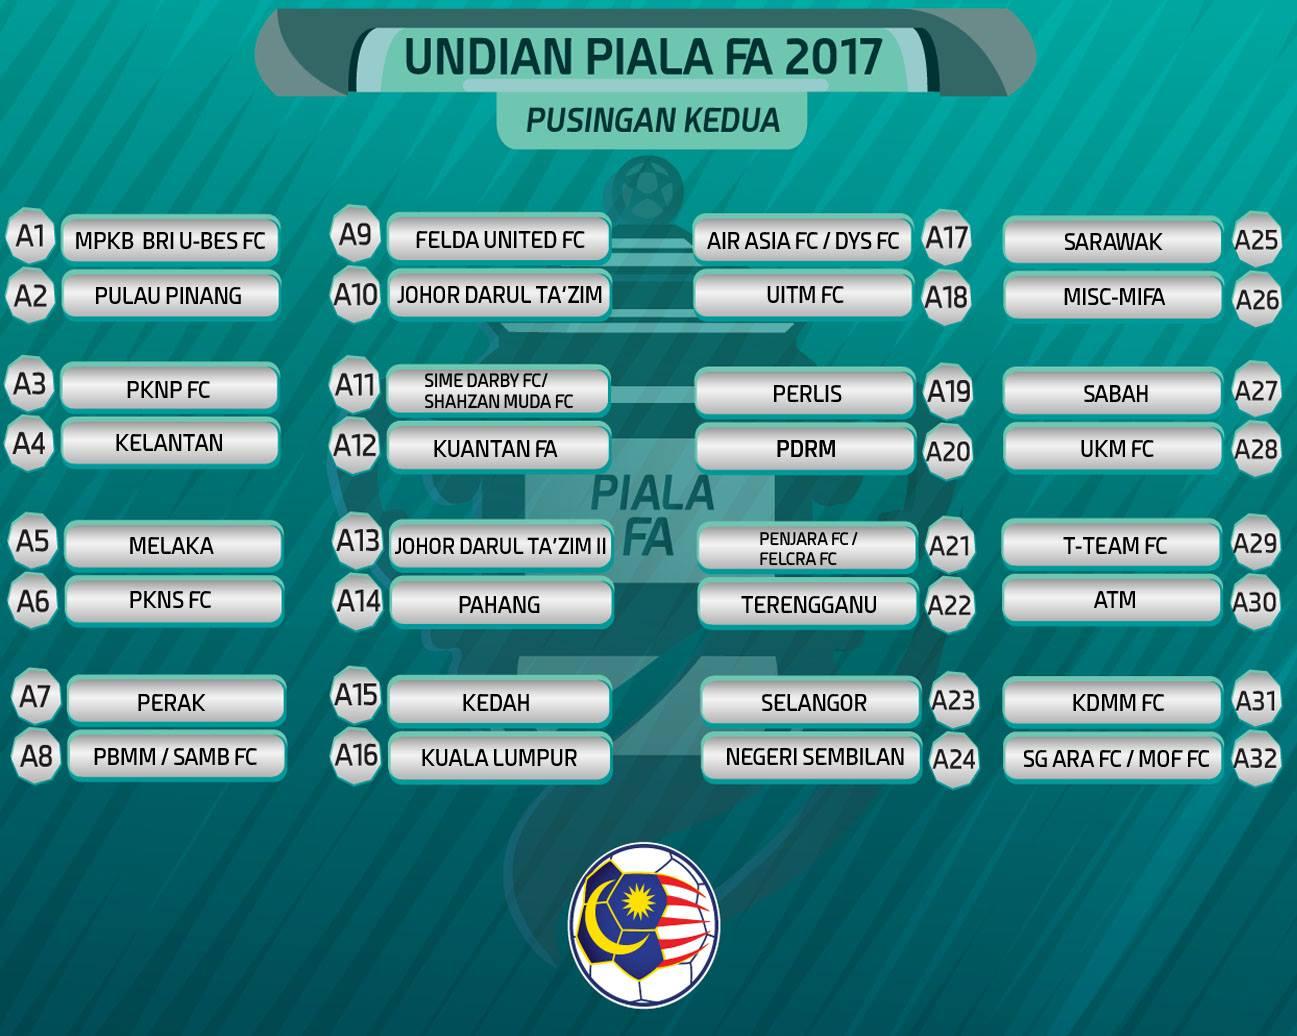 PIALA FA 2017 Pusingan Kedua